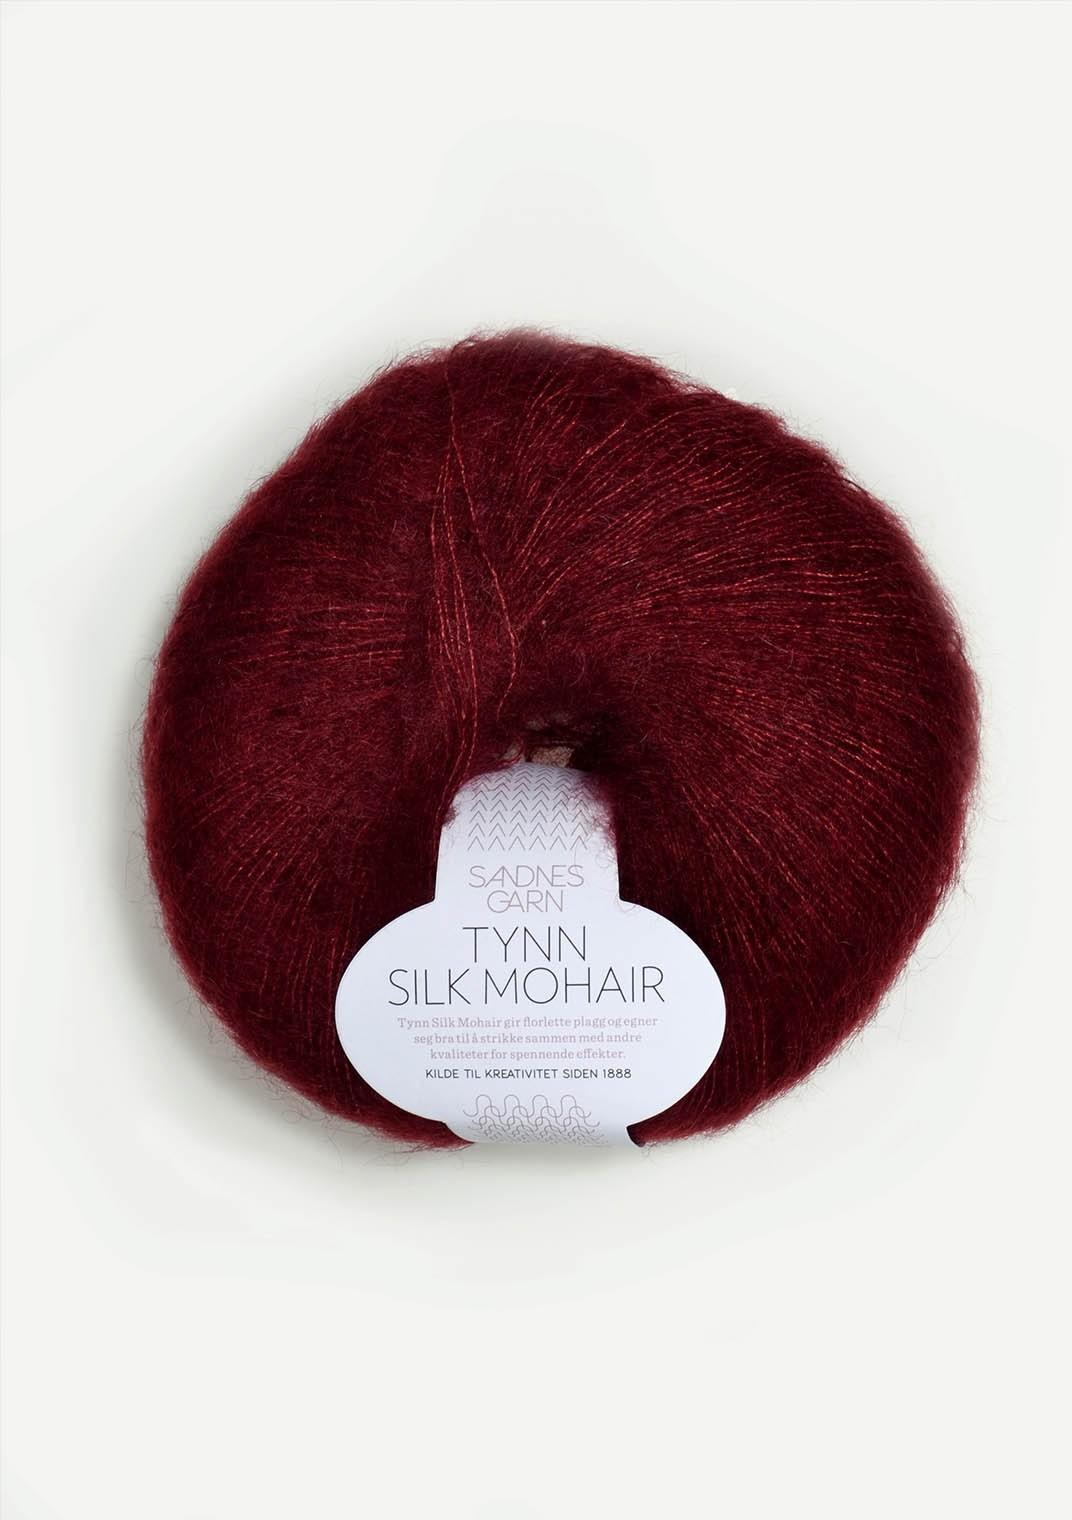 Sandnes 4054 dyp vinrød Tynn Silk Mohair